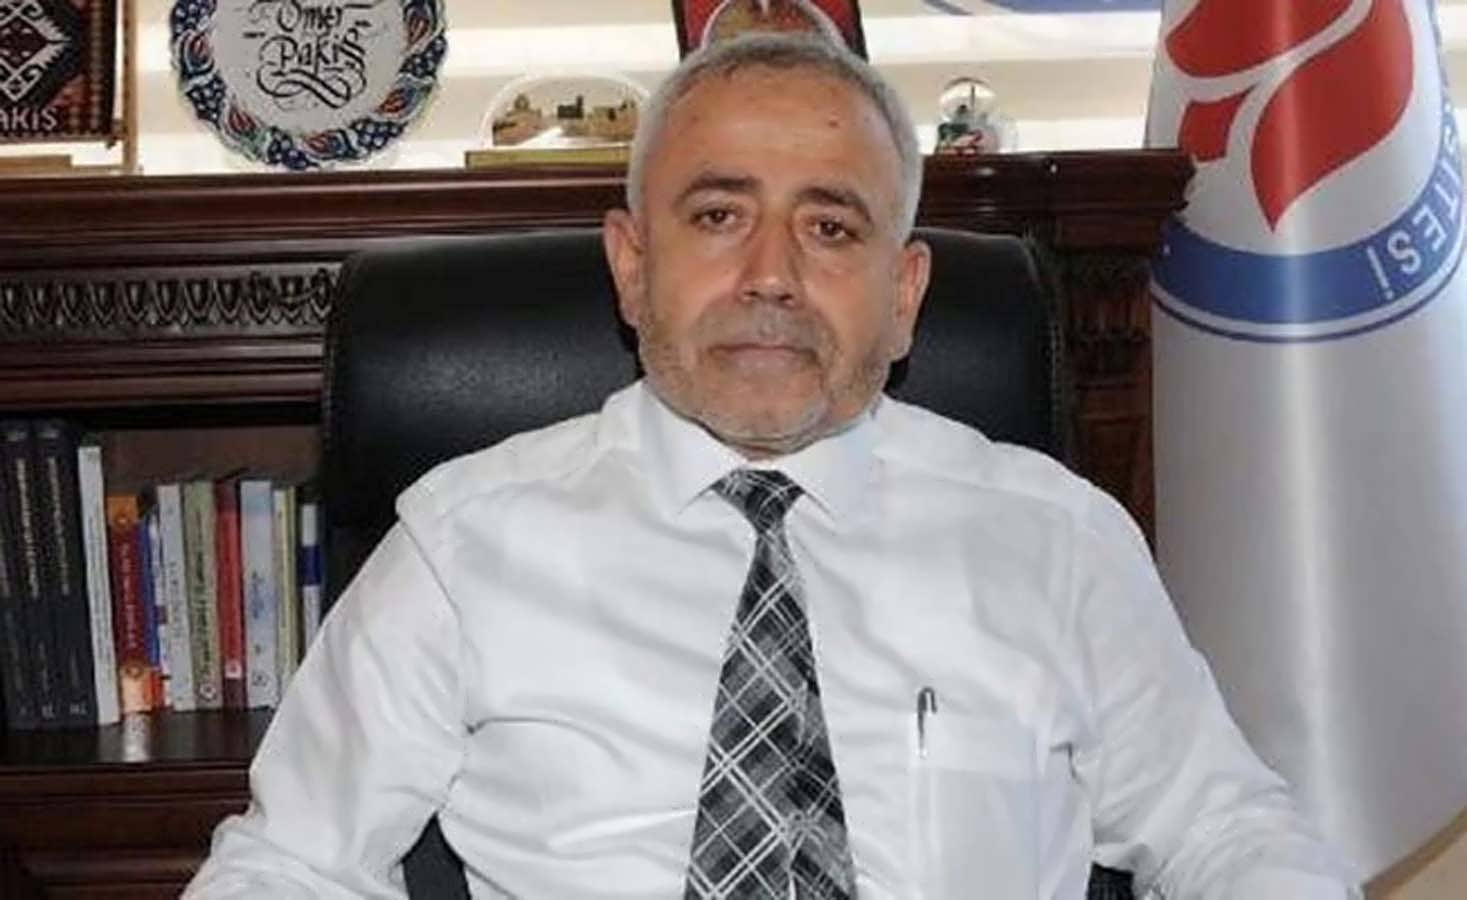 Hakkari Üniversitesi Rektöründen Torpil Açıklaması